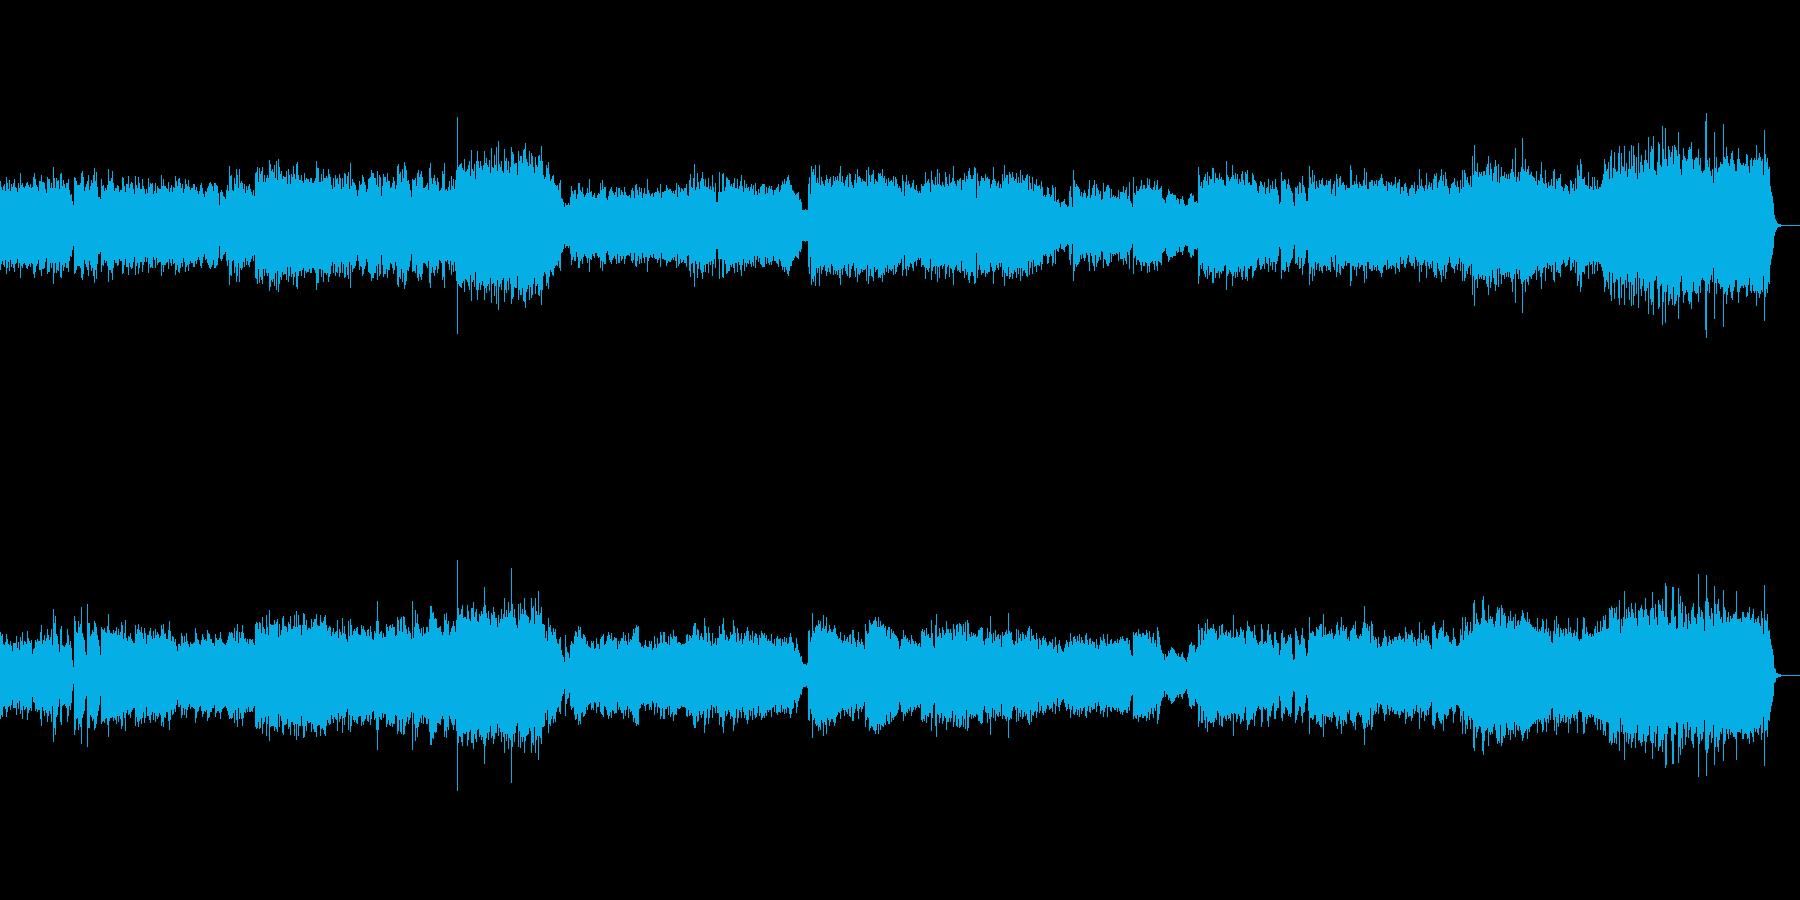 小組曲より第二楽章行列の再生済みの波形